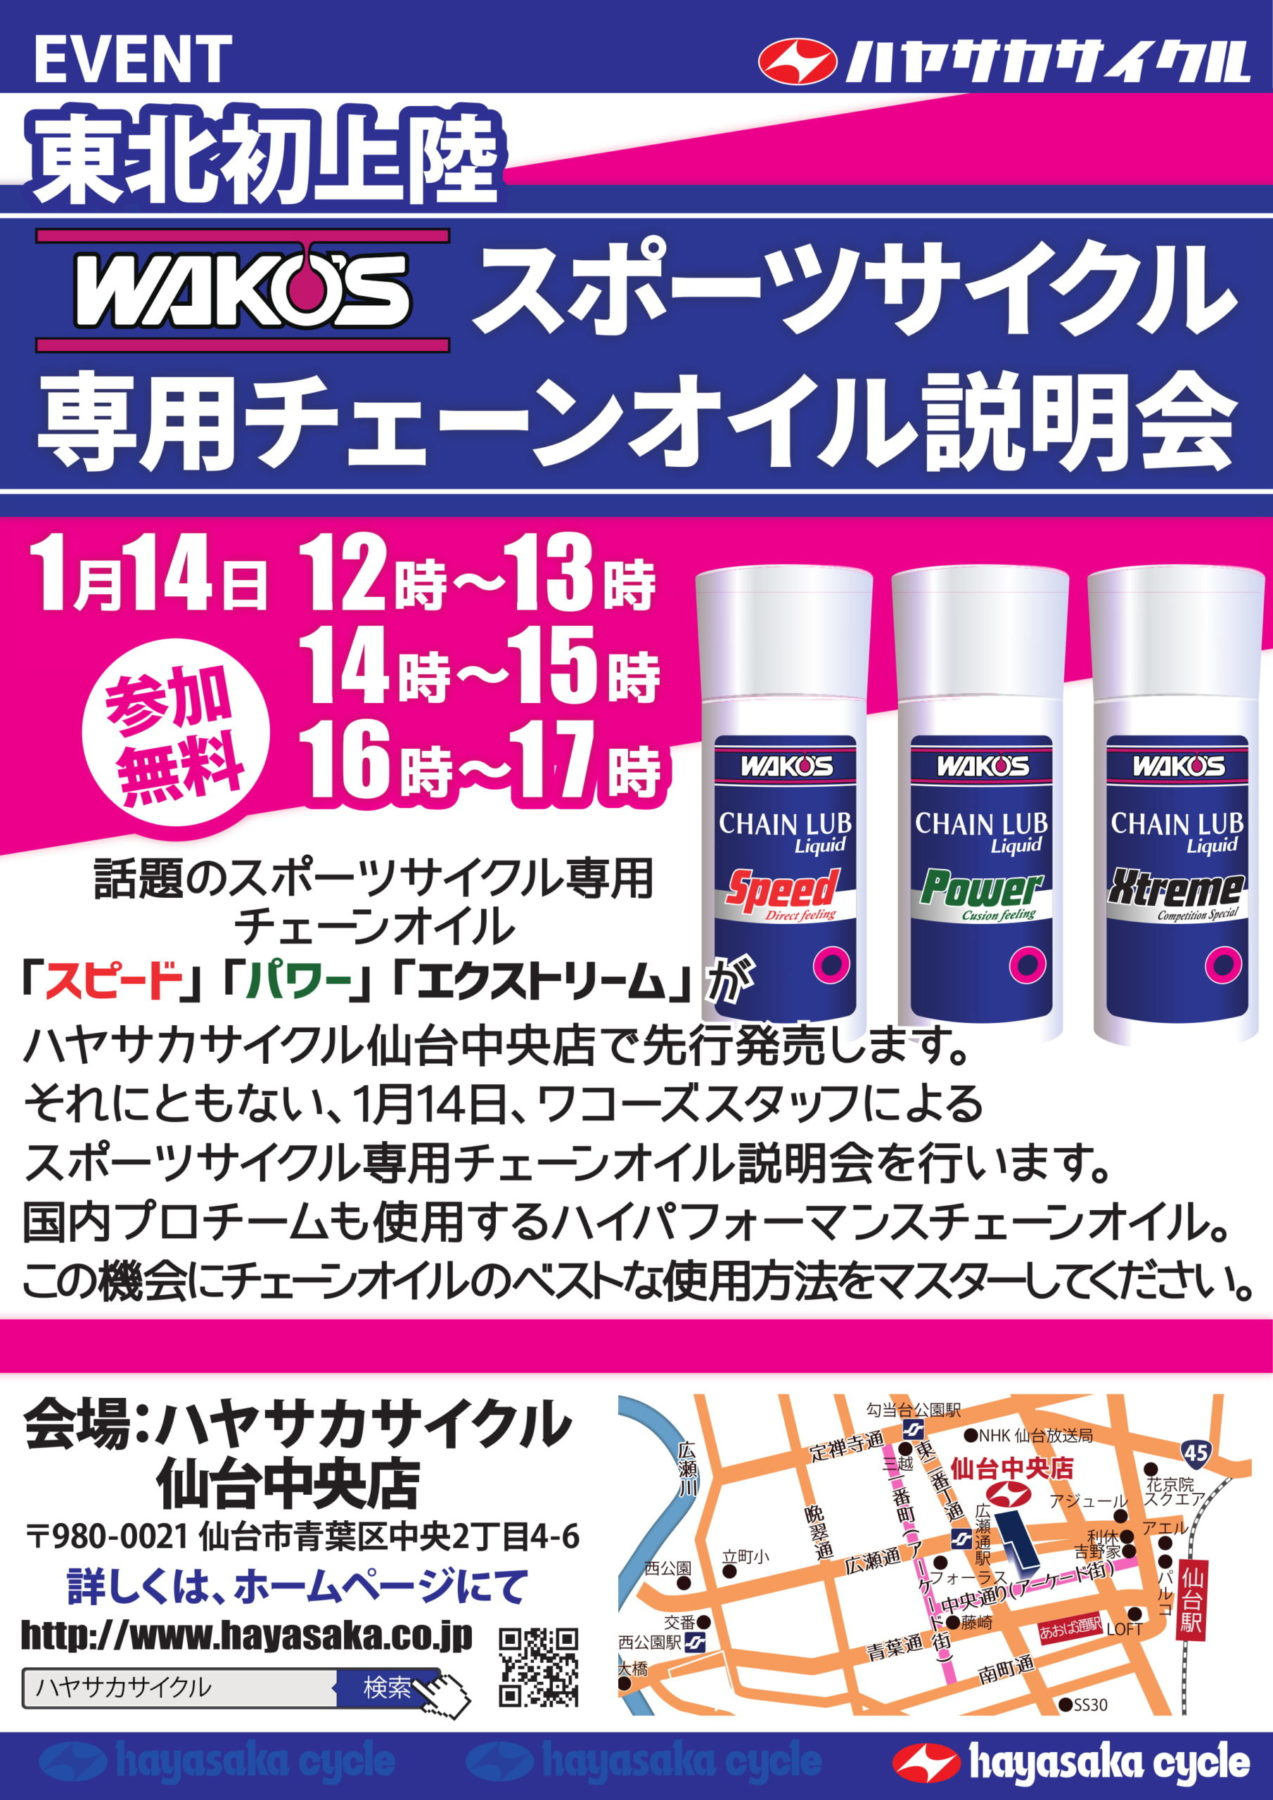 201901中央WAKOSスポーツサイクルチェーンオイル説明会2x1a-1